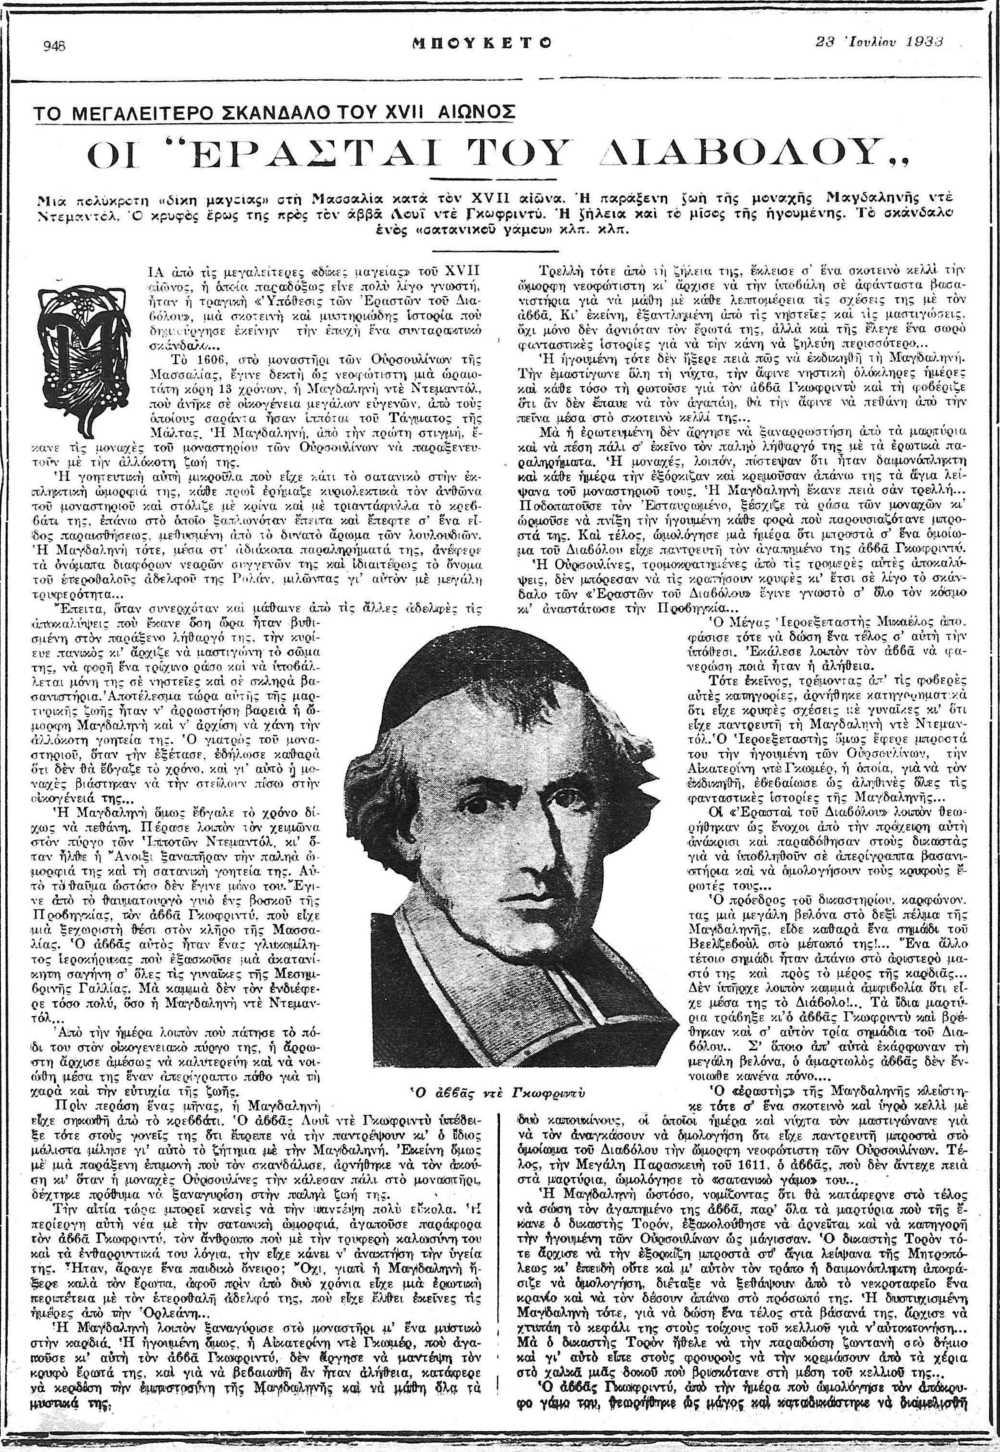 """Το άρθρο, όπως δημοσιεύθηκε στο περιοδικό """"ΜΠΟΥΚΕΤΟ"""", στις 23/07/1933"""